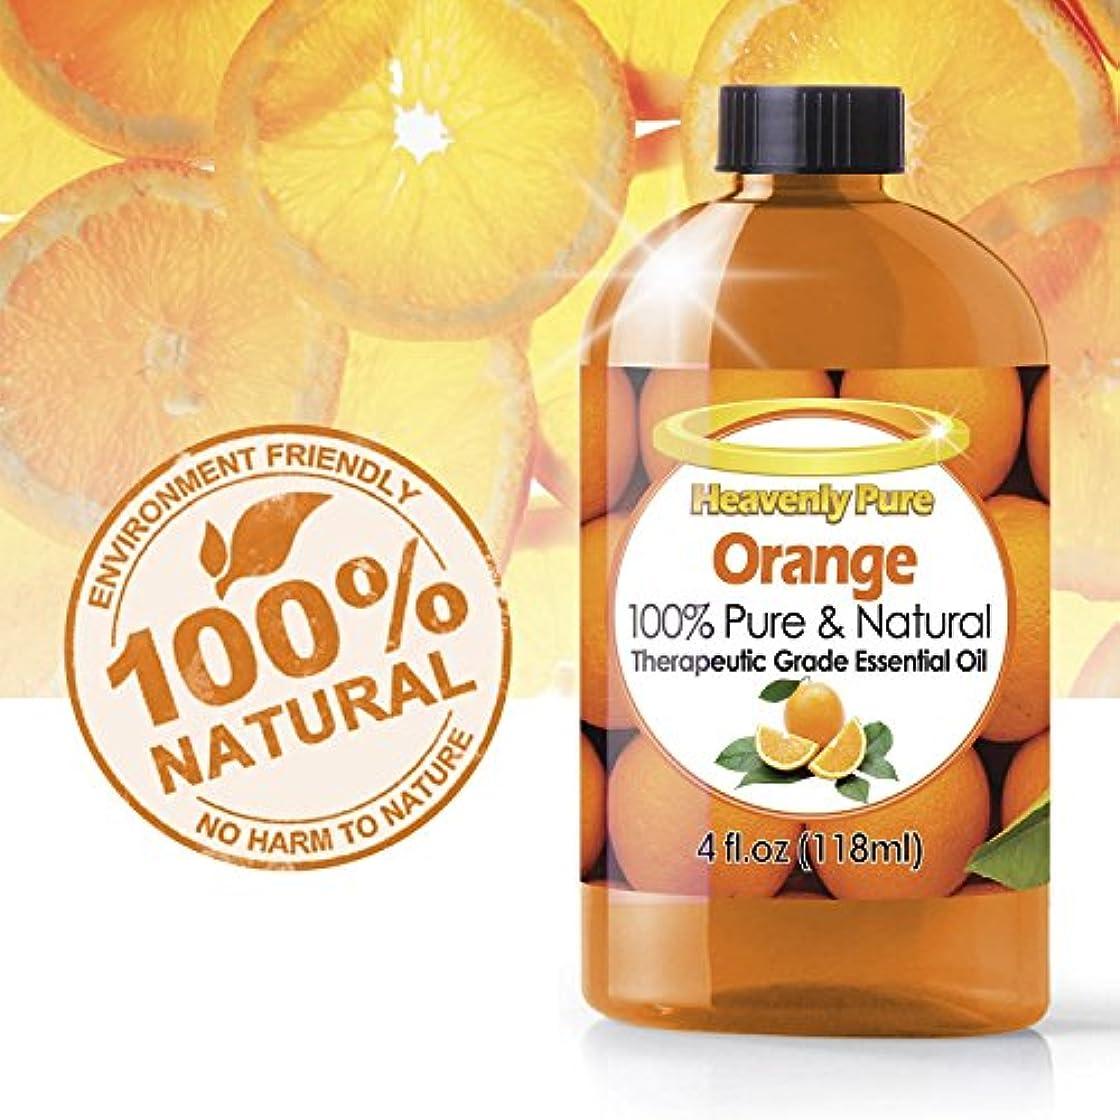 慈善夕食を作る消費者オレンジエッセンシャルオイル(HUGE 4 OZ)アイドロップ剤 - 100%ピュア&ナチュラルスイートシトラスアロマ - 治療グレード - オレンジオイルはアロマセラピー、イミュニティ、天然抗菌、および洗浄に最適です